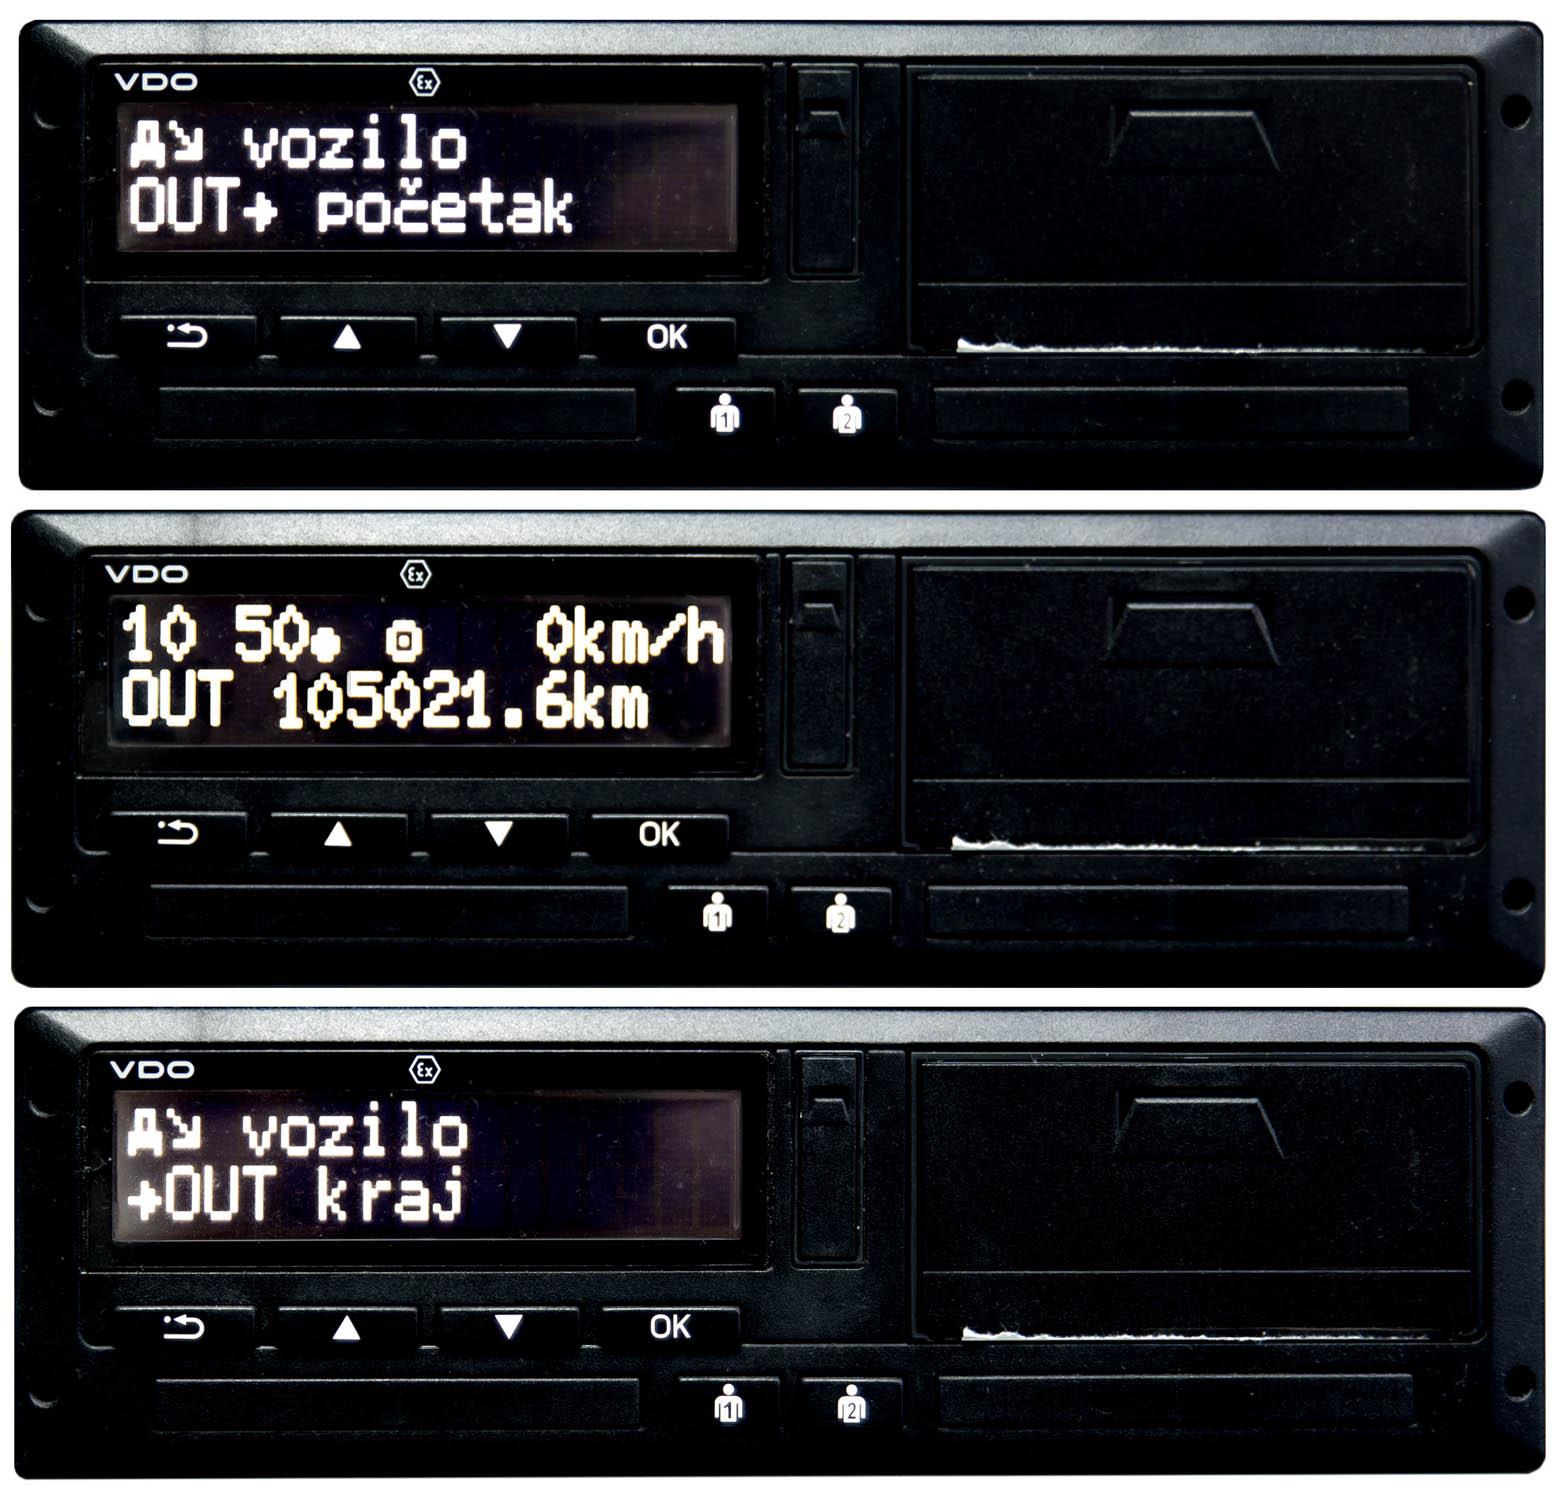 Zakači radio